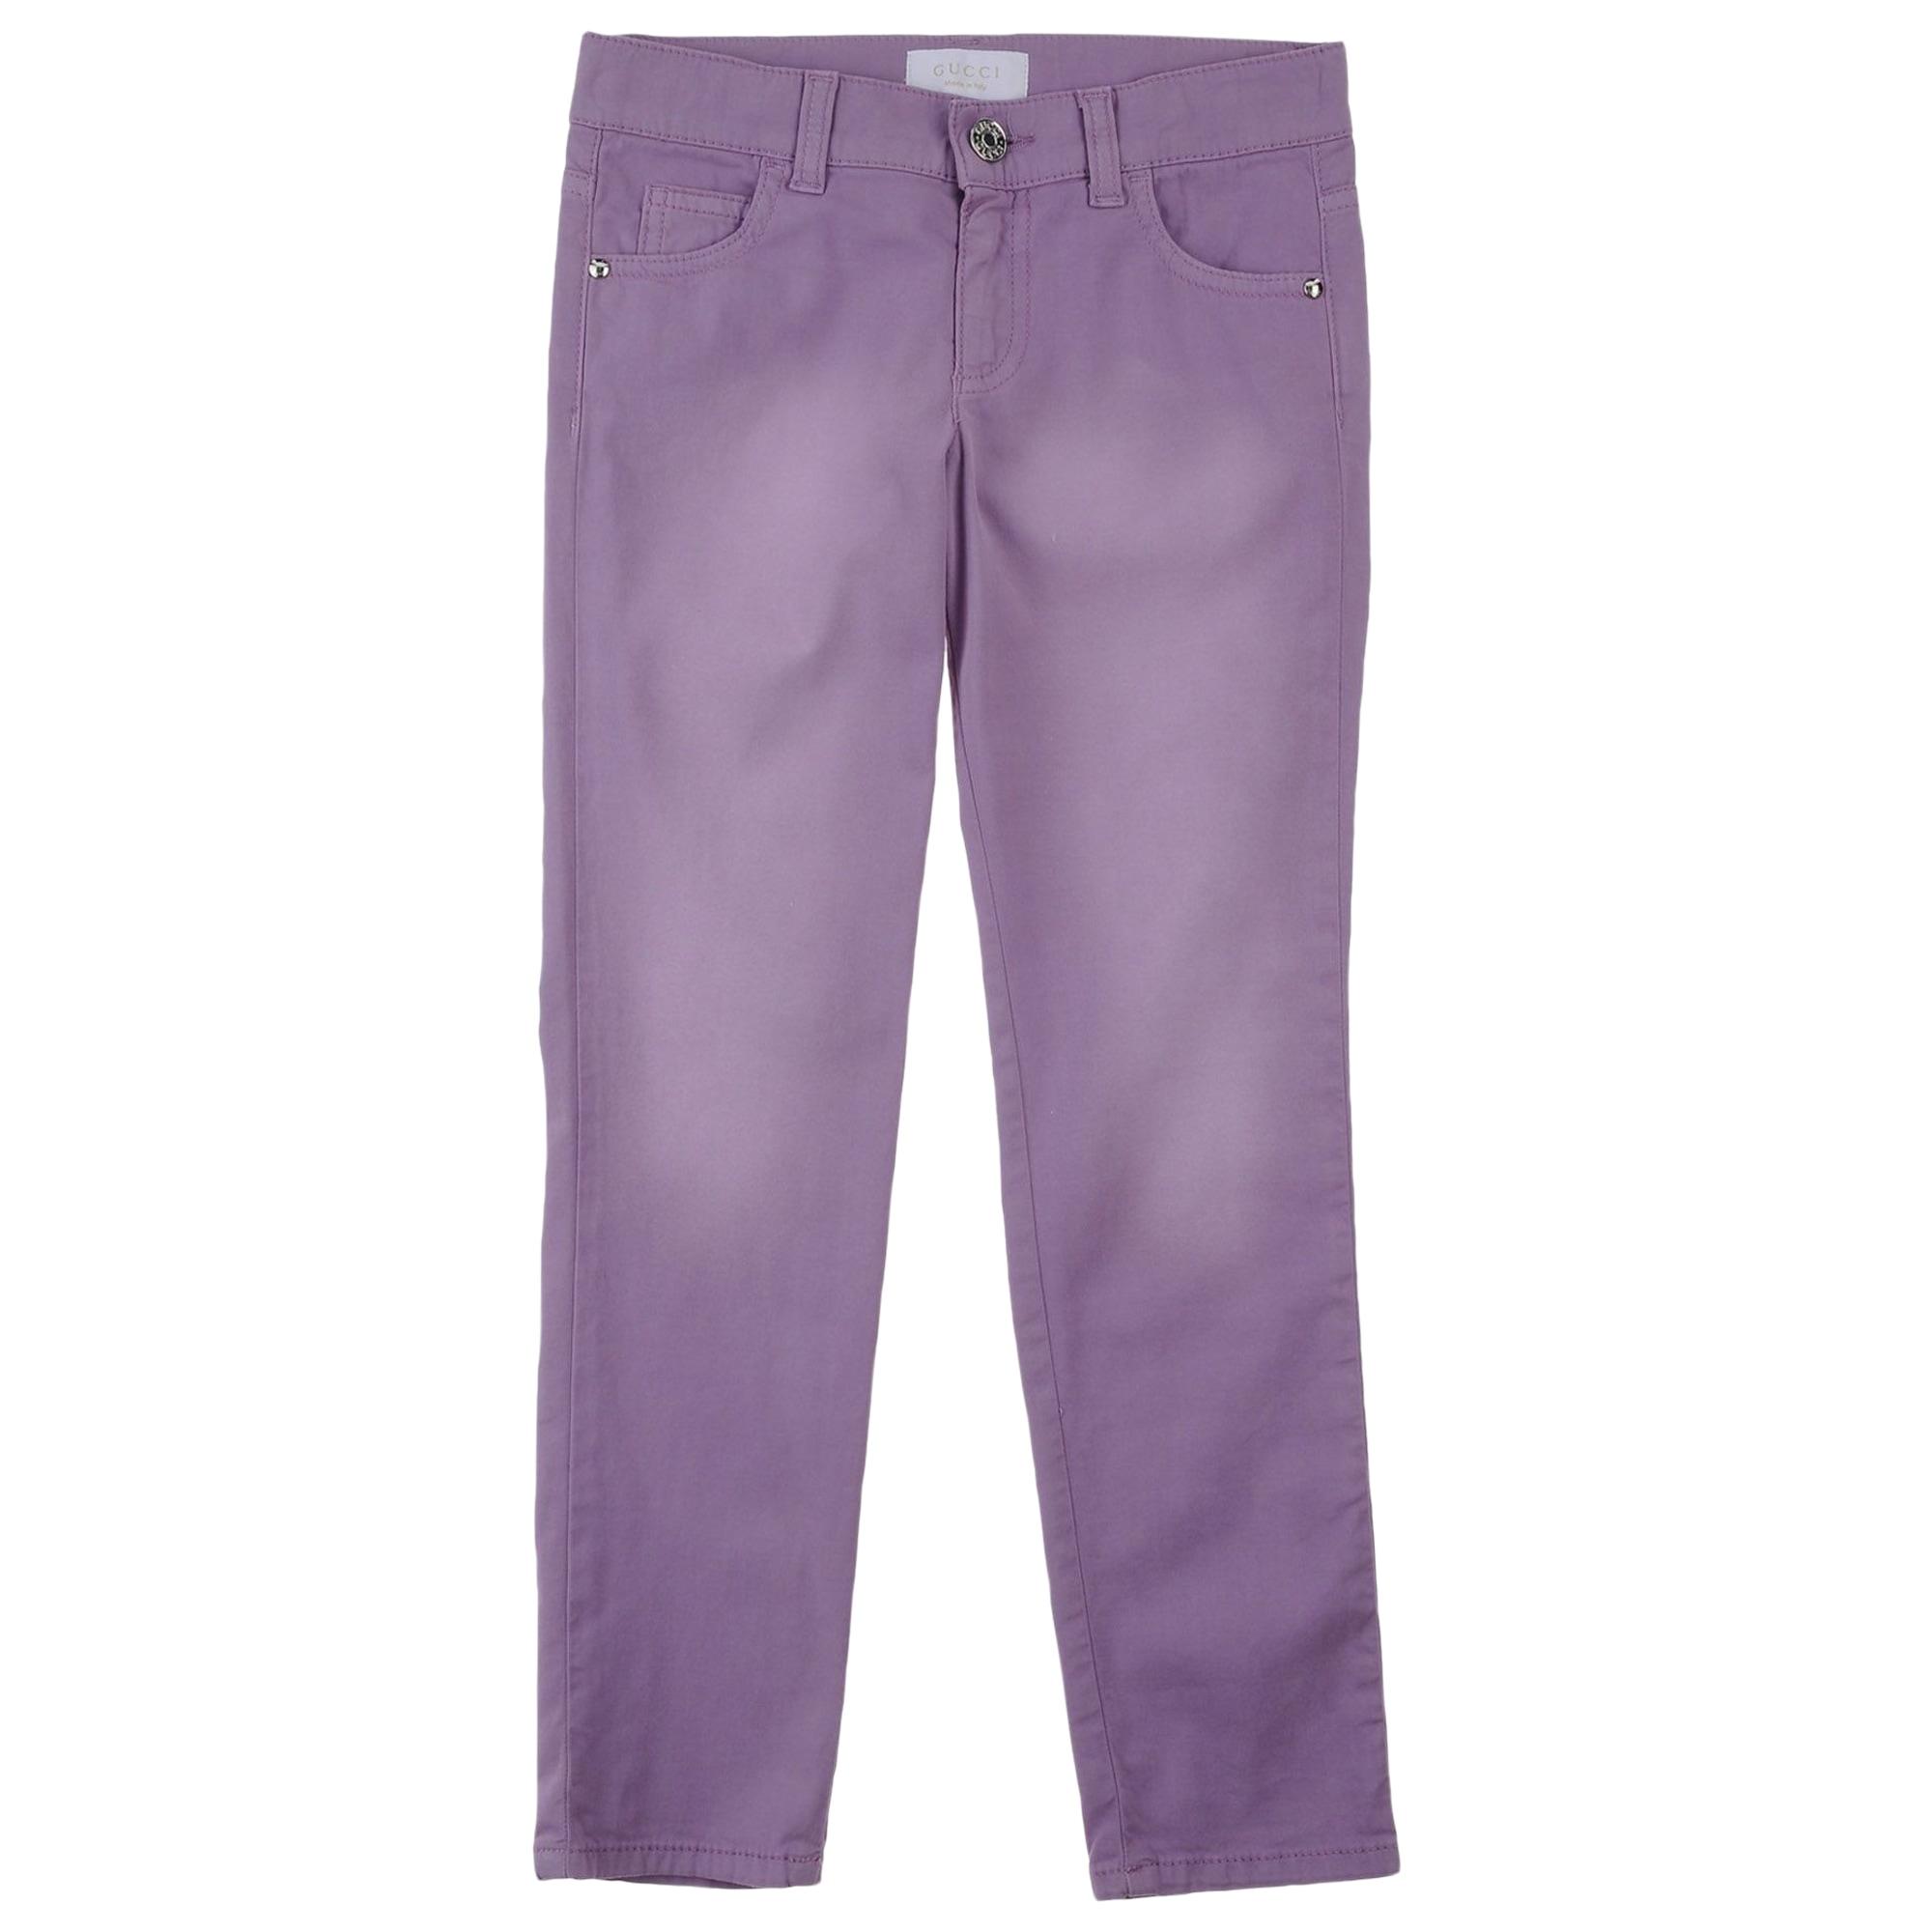 Pantalone GUCCI Viola, lilla, lavanda